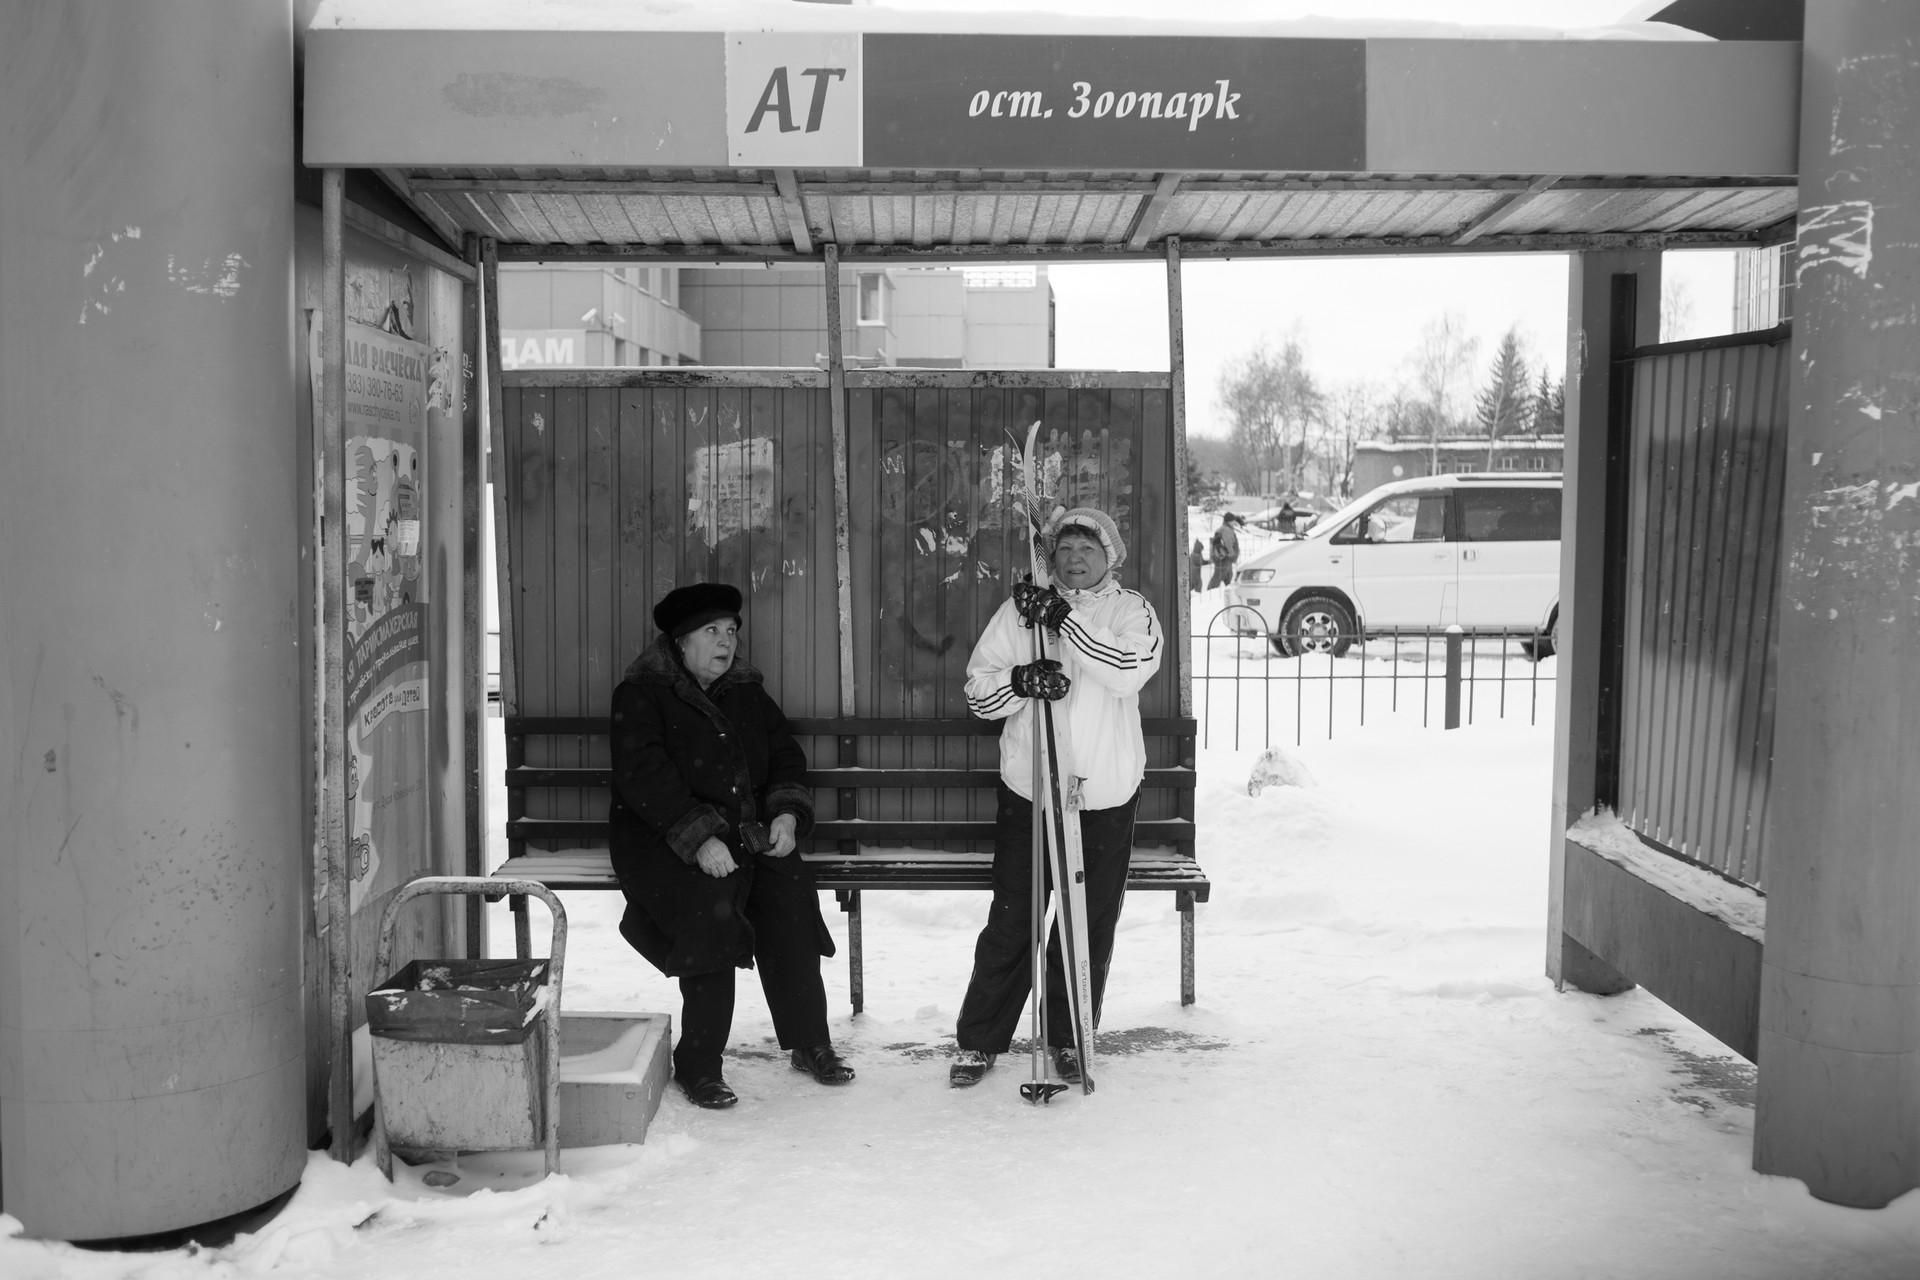 Аутобуска станица у Новосибирску.